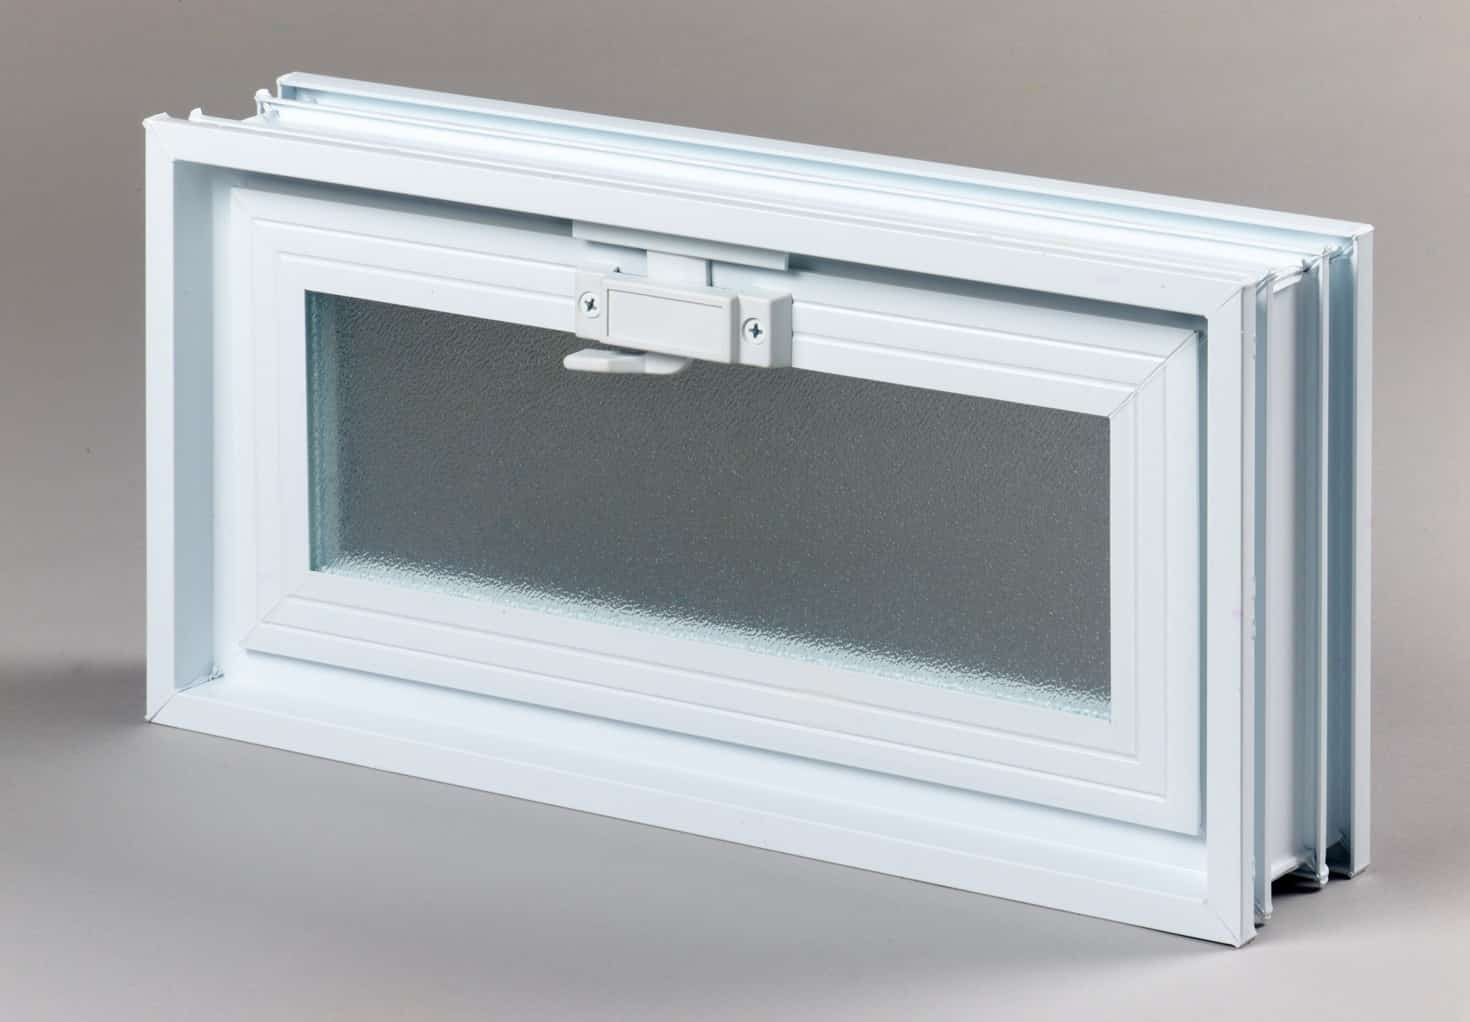 Okno wentylacyjne do luksferów Okienko wentylacyjne (went) 2 x 1 do luksferów